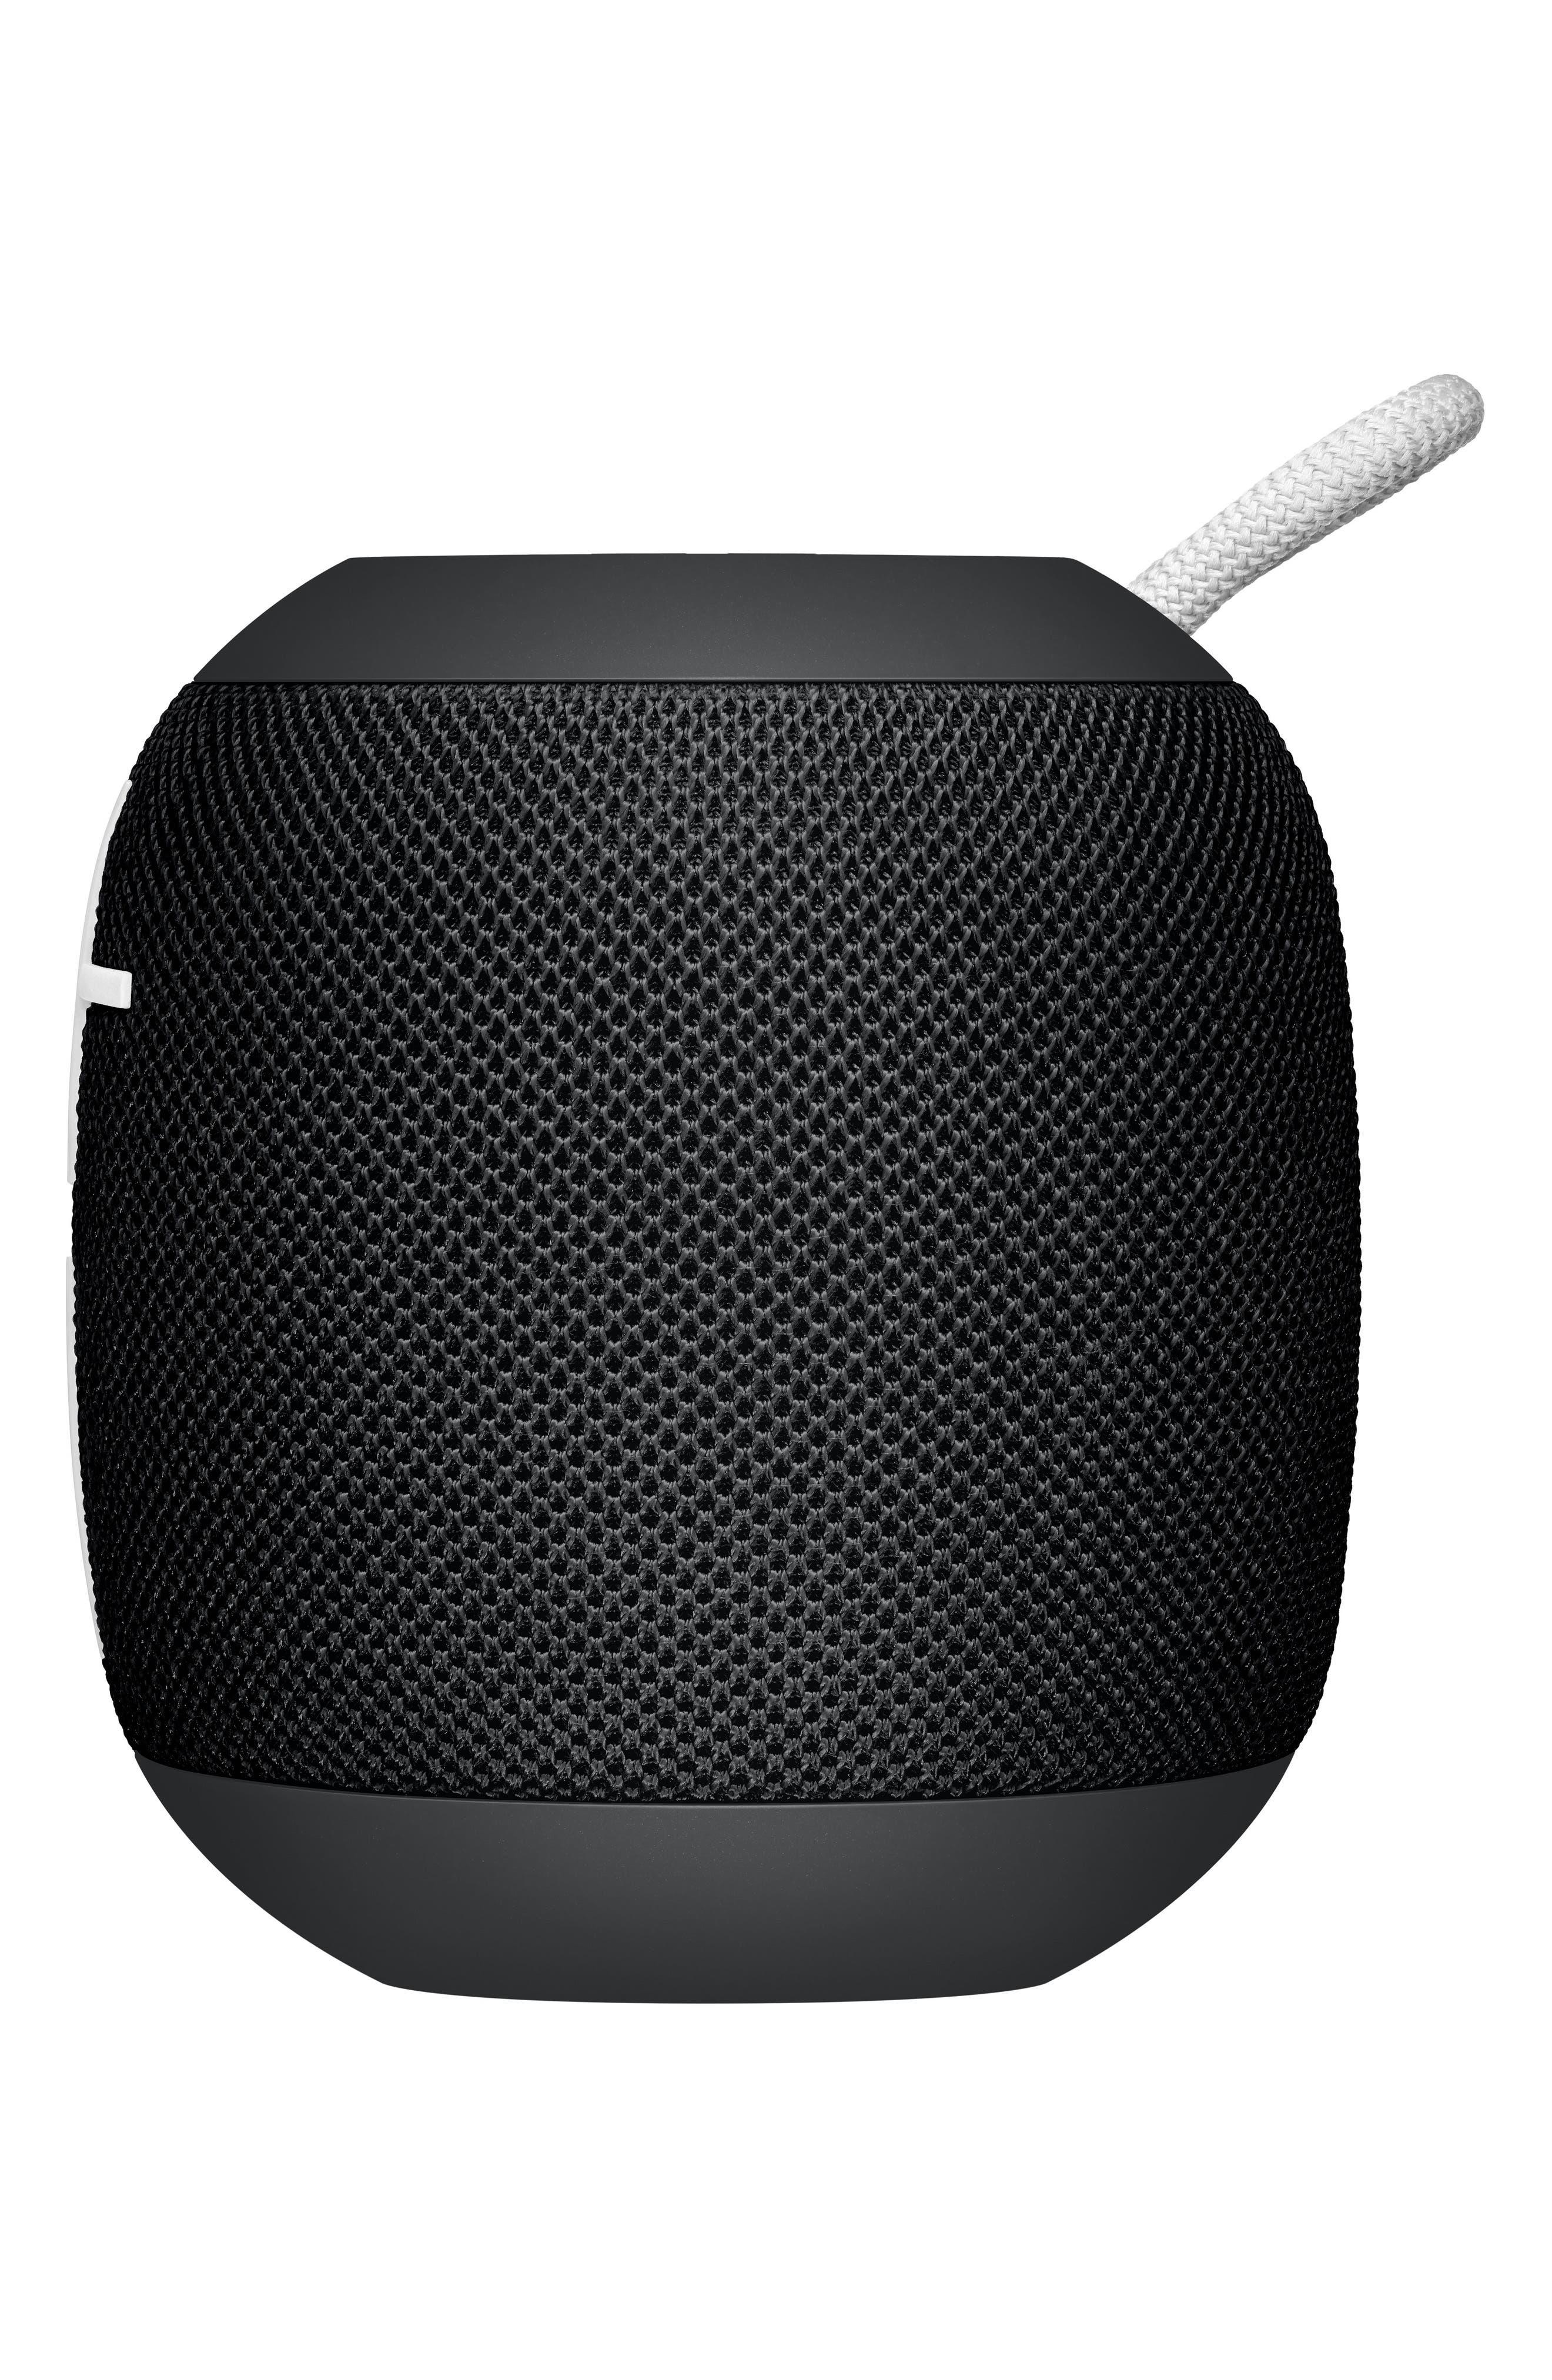 Main Image - Ultimate Ears Wonderboom Portable Waterproof Bluetooth Speaker